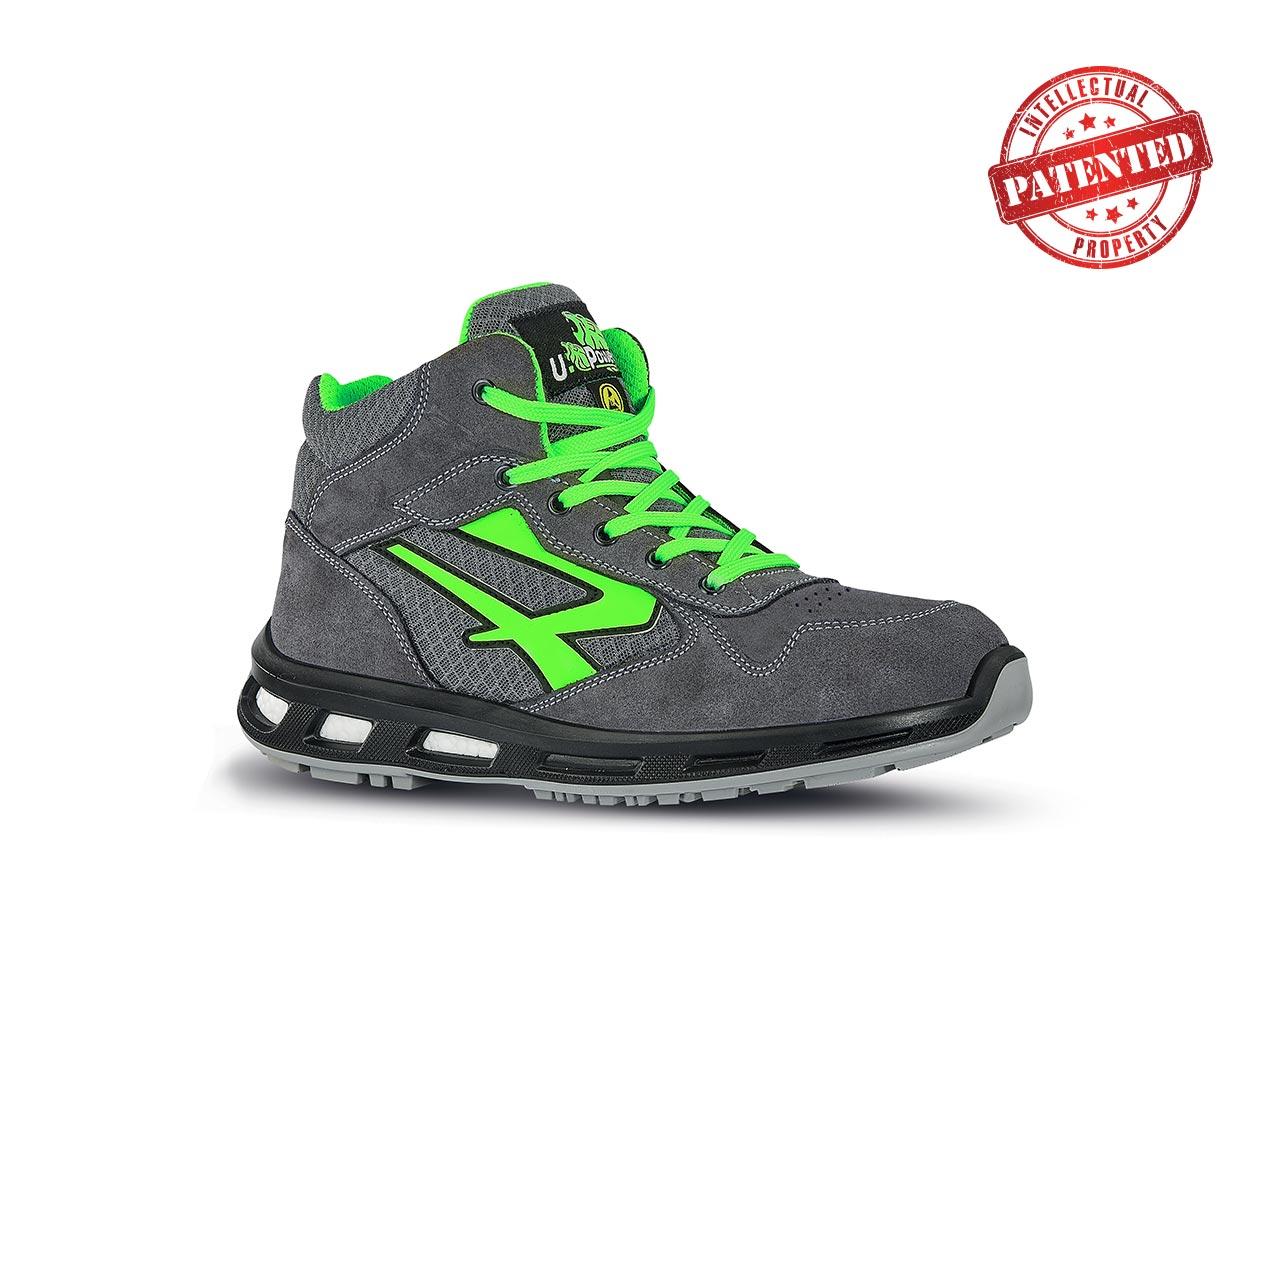 scarpa antinfortunistica alta upower modello ramas linea redlion vista laterale